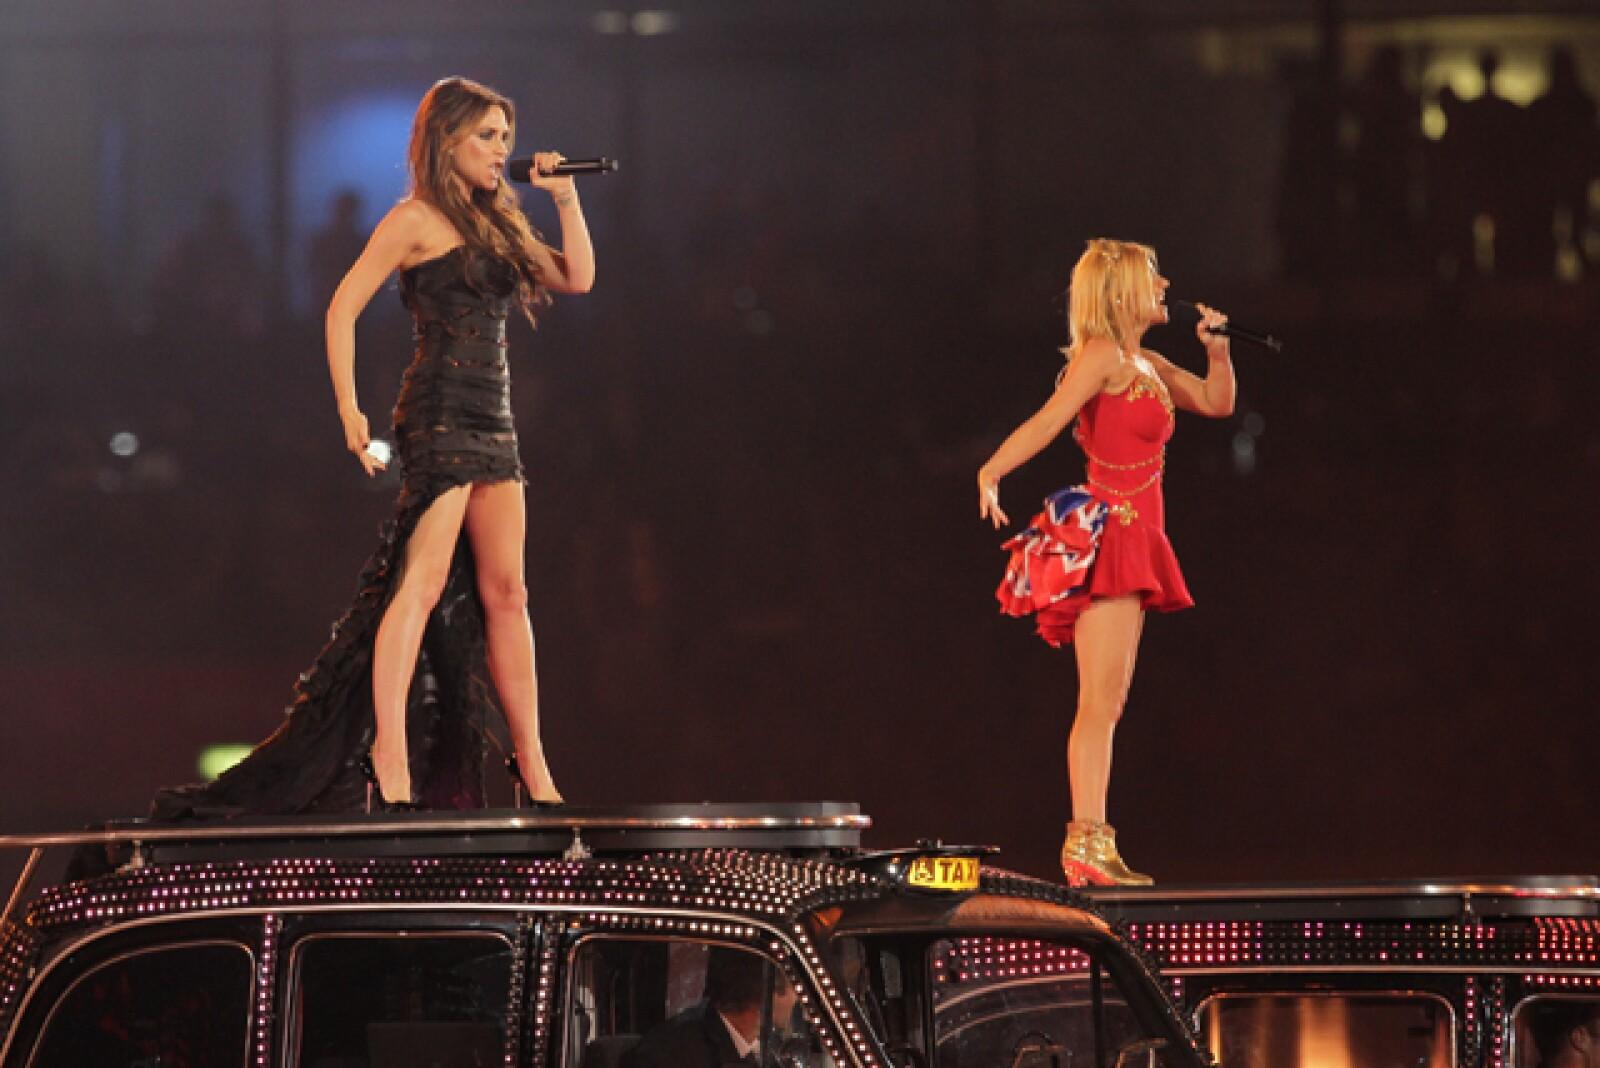 Victoria participó en otro reencuentro de las Spice Girls, esta vez durante los juegos olímpicos de Londres en 2012.